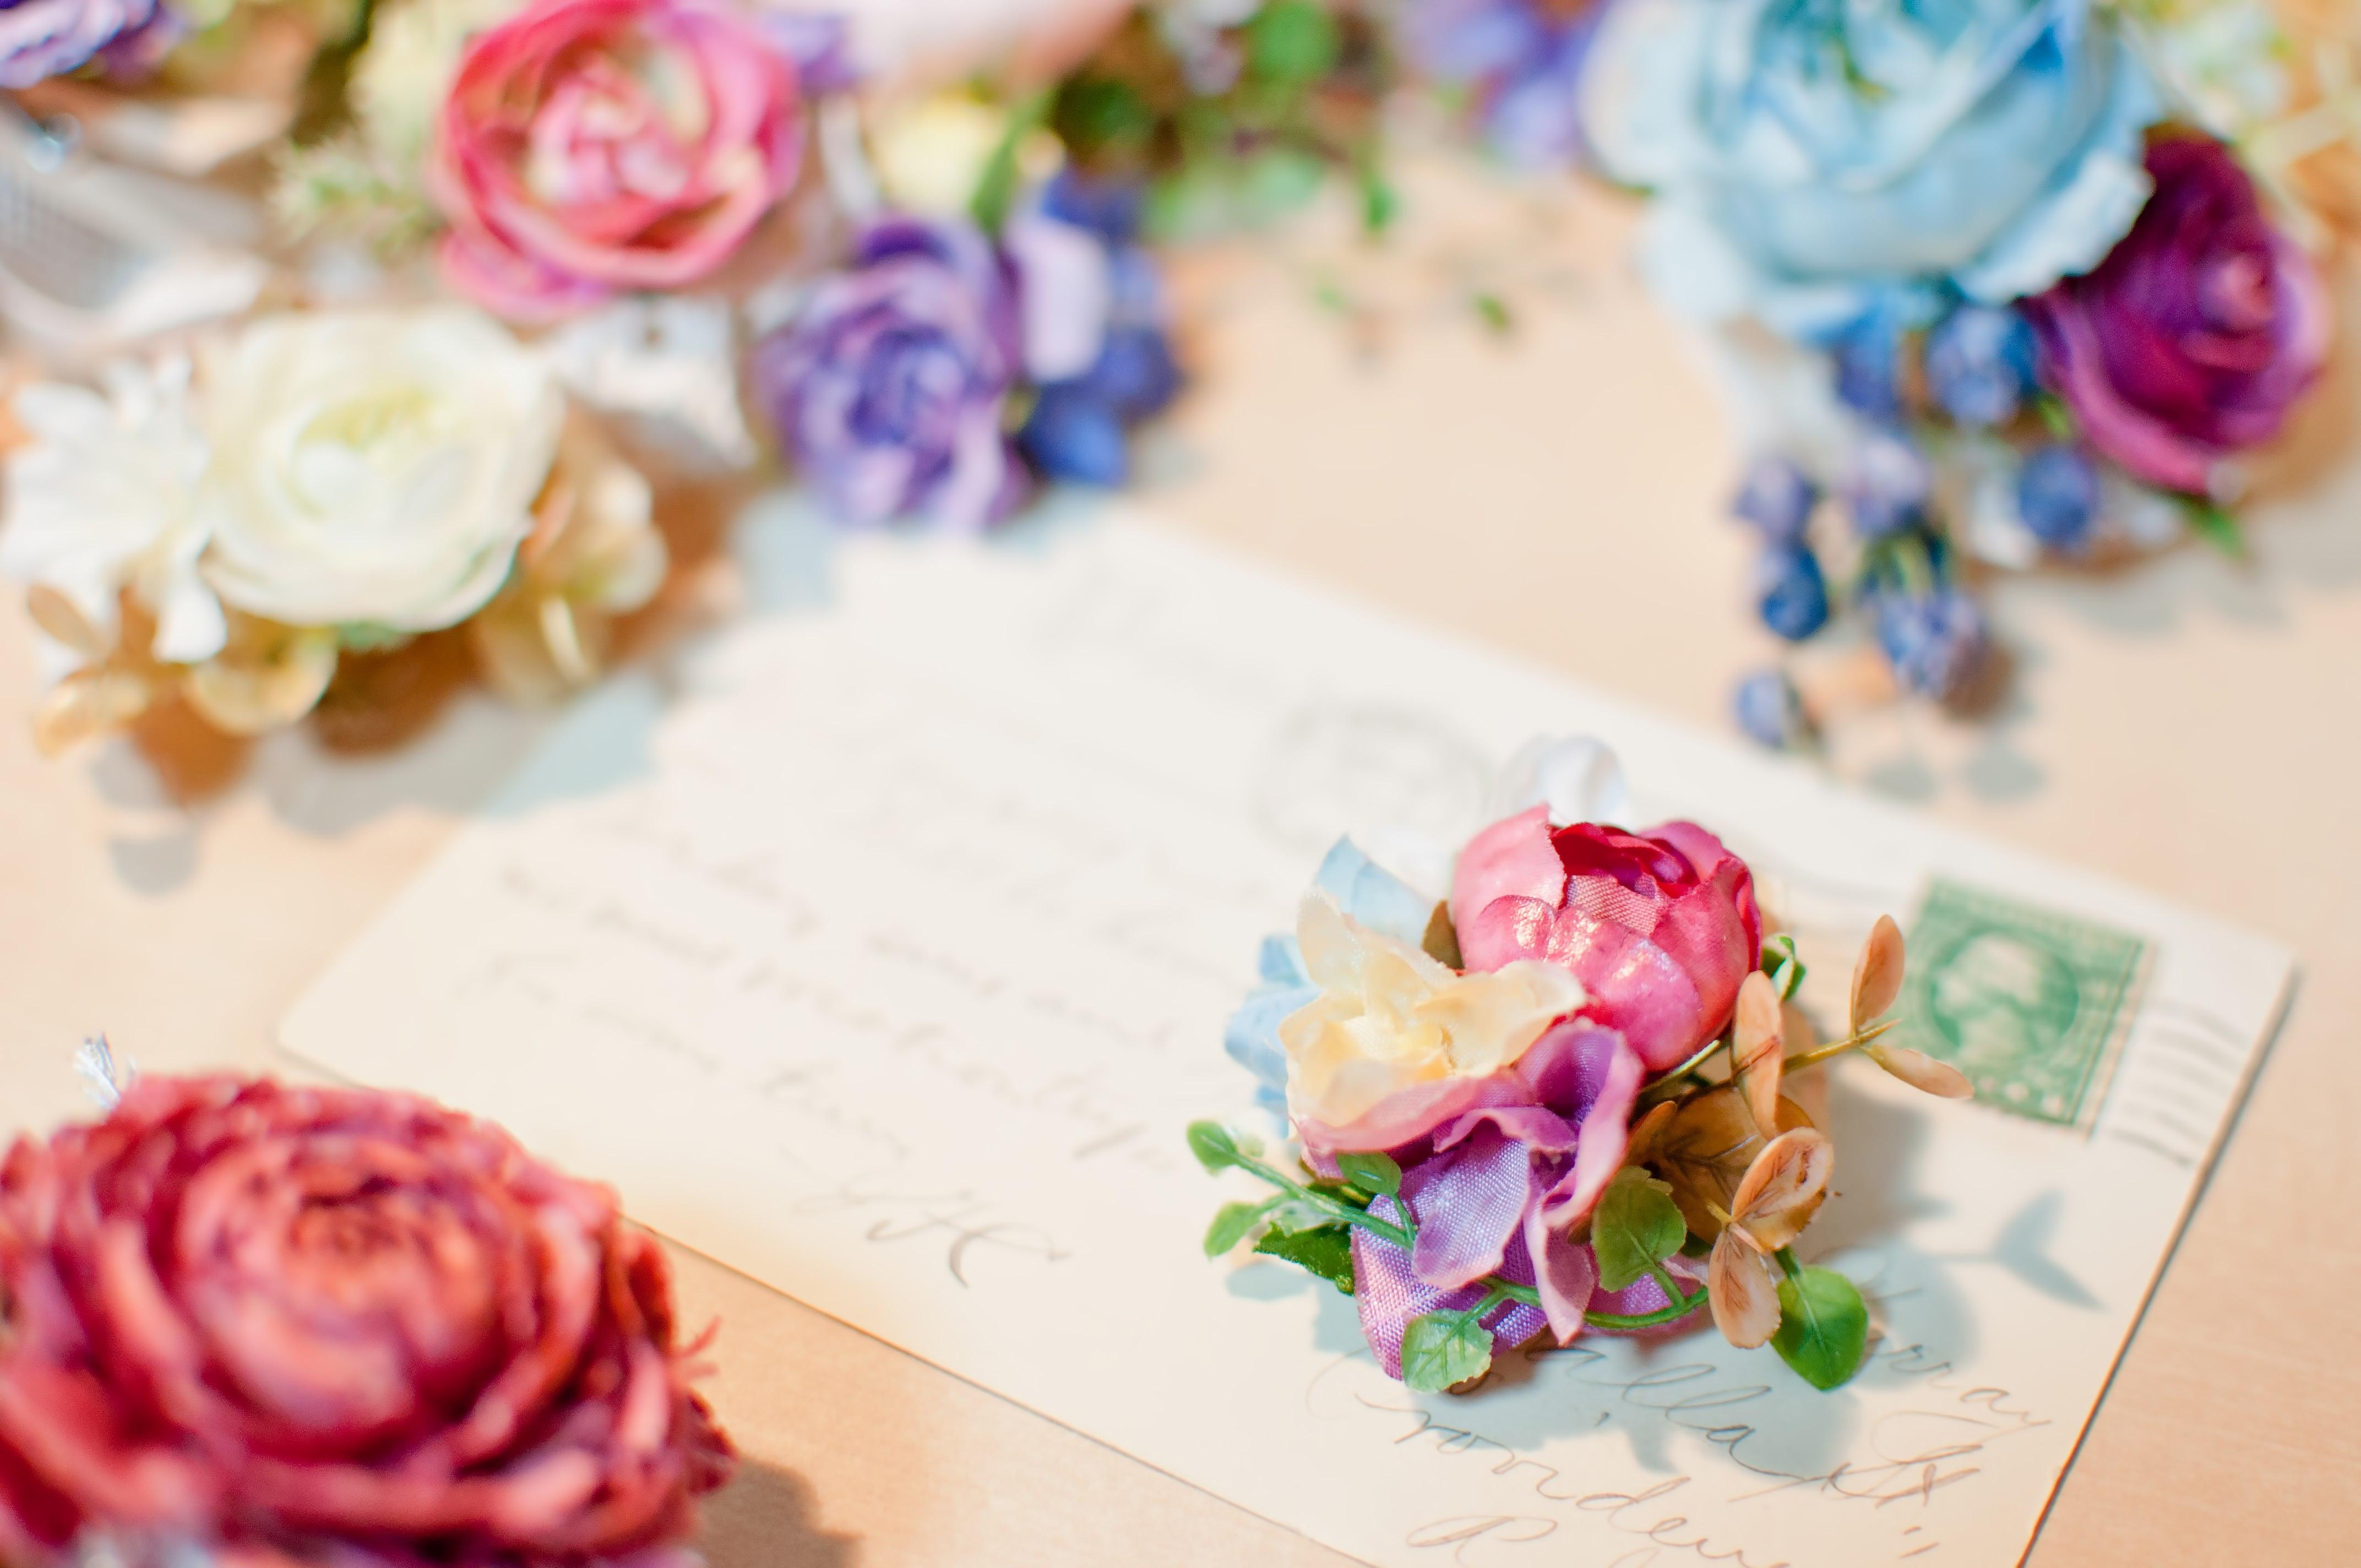 【シーン別】ご芳名の消し方 葬儀/ビジネス/結婚式招待状